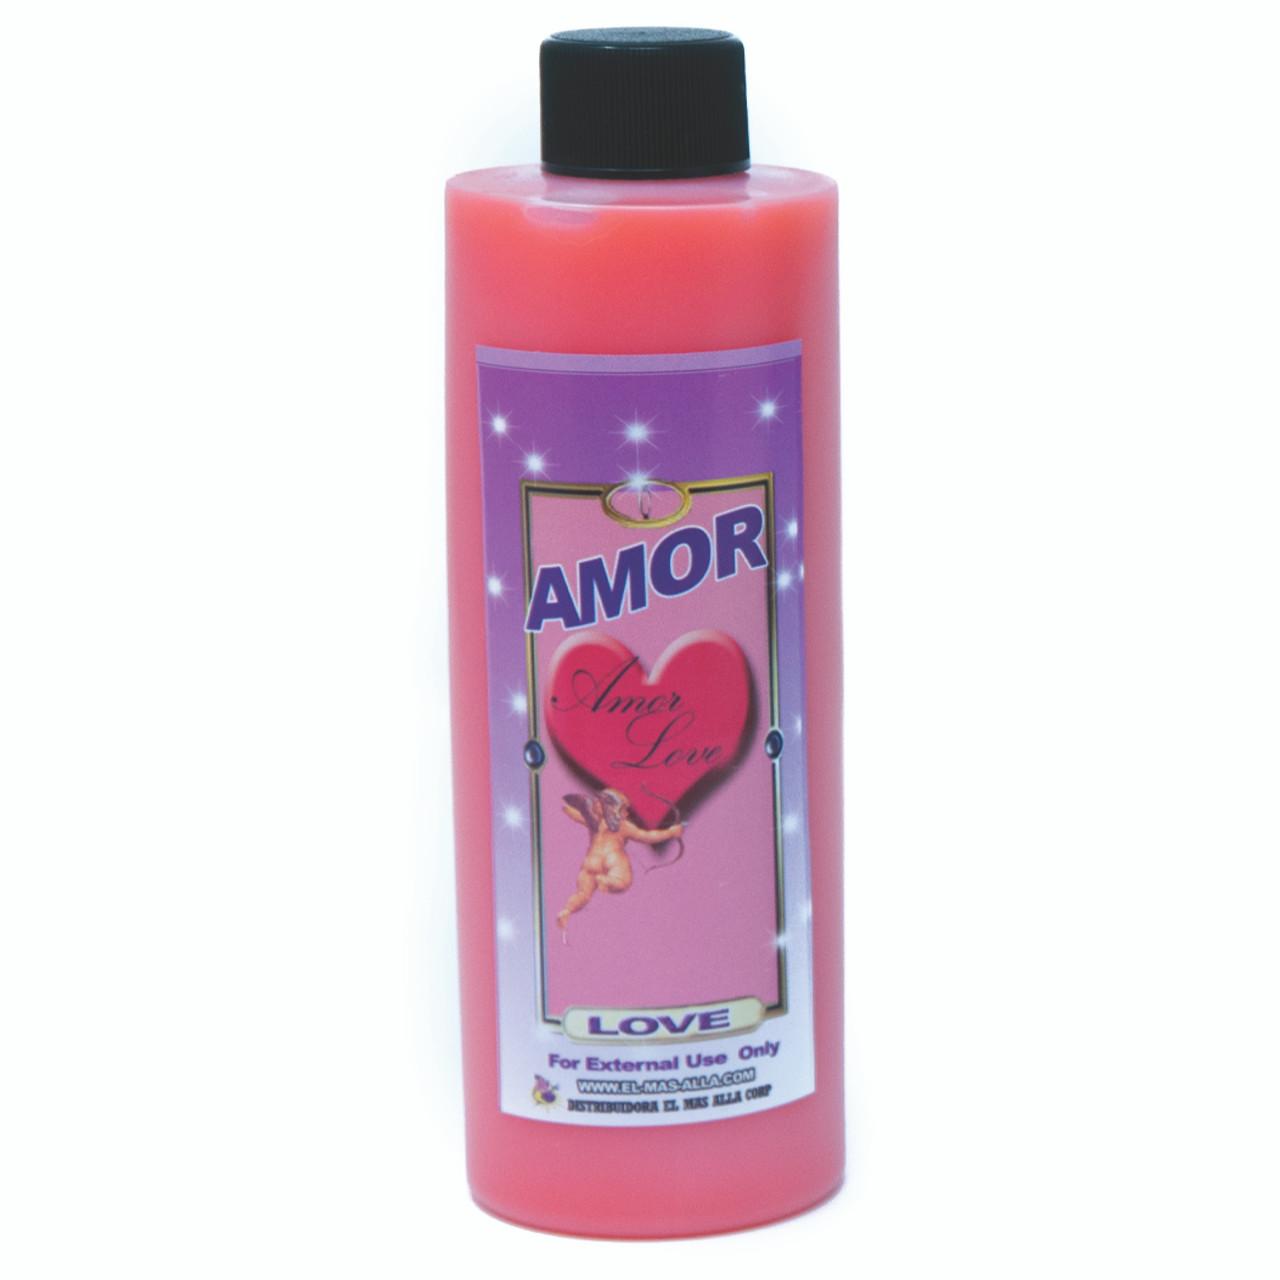 Limpia Y Despojo Amor (Love)